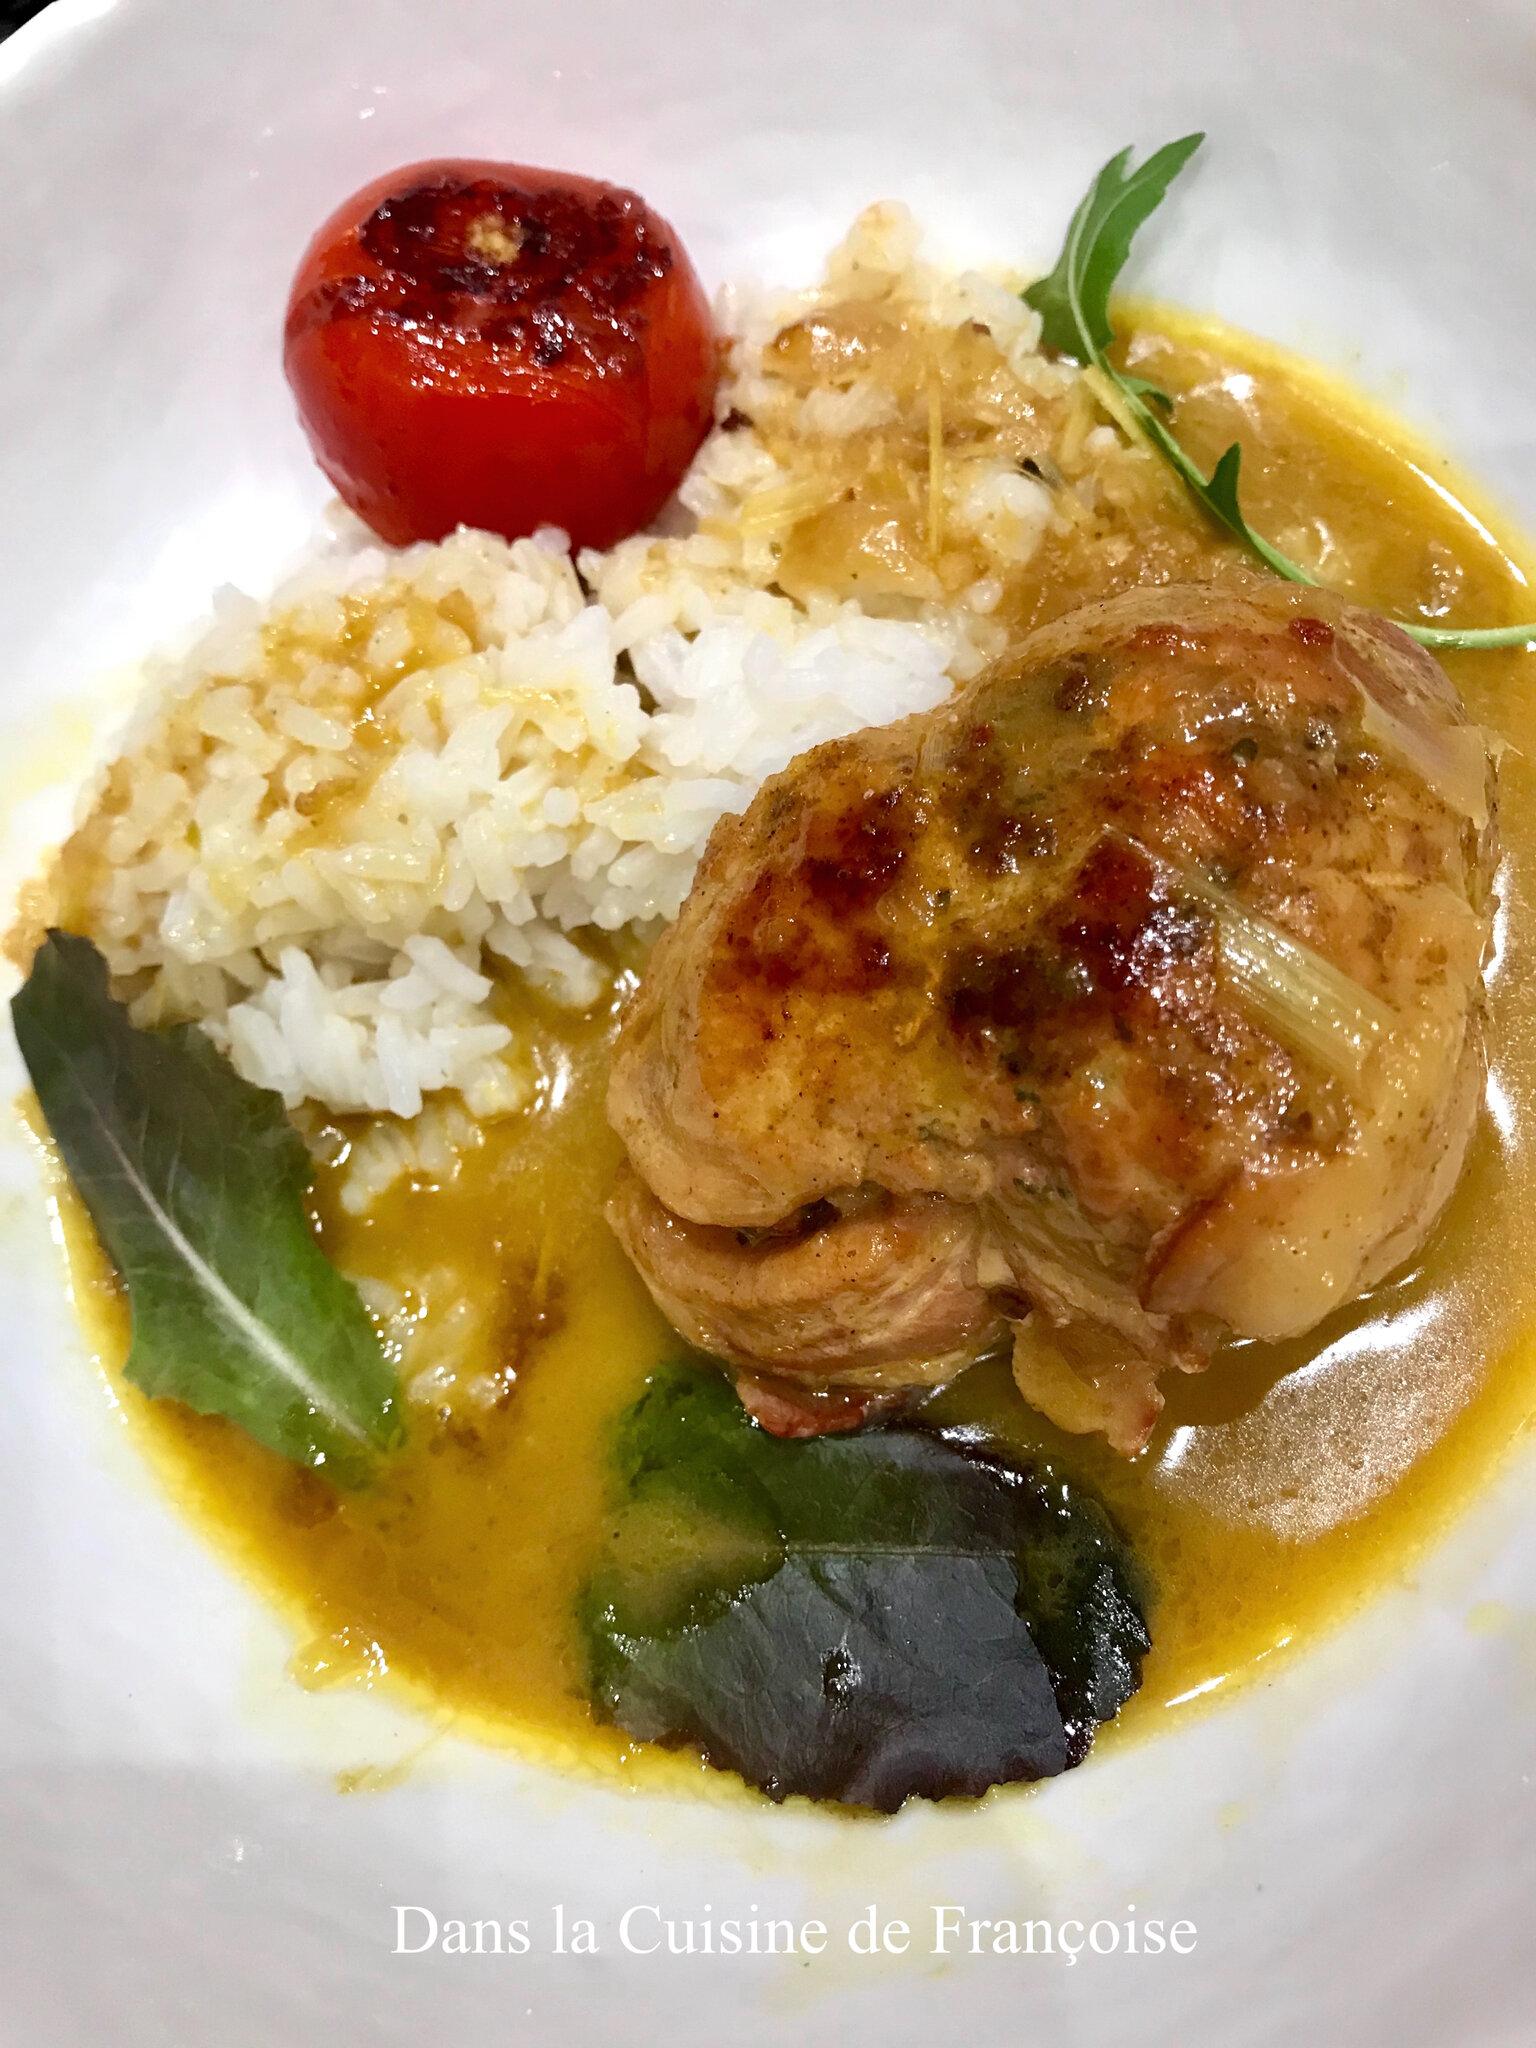 Cuisson Paupiette De Poulet : cuisson, paupiette, poulet, Paupiettes, Volaille, Curry, Thaï, Gingembre, Citronnelle, Cuisine, Françoise